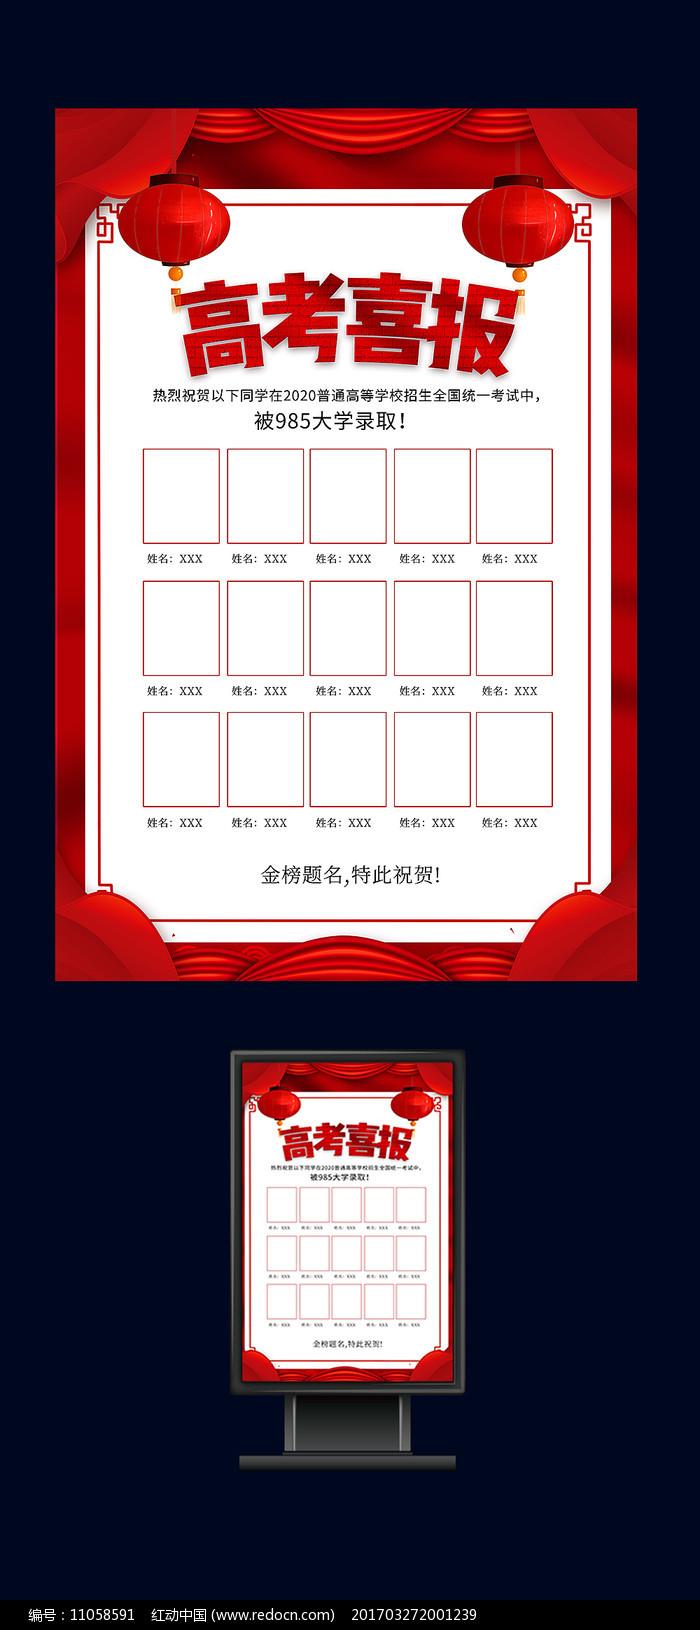 中国风喜庆学校高考喜报海报设计图片